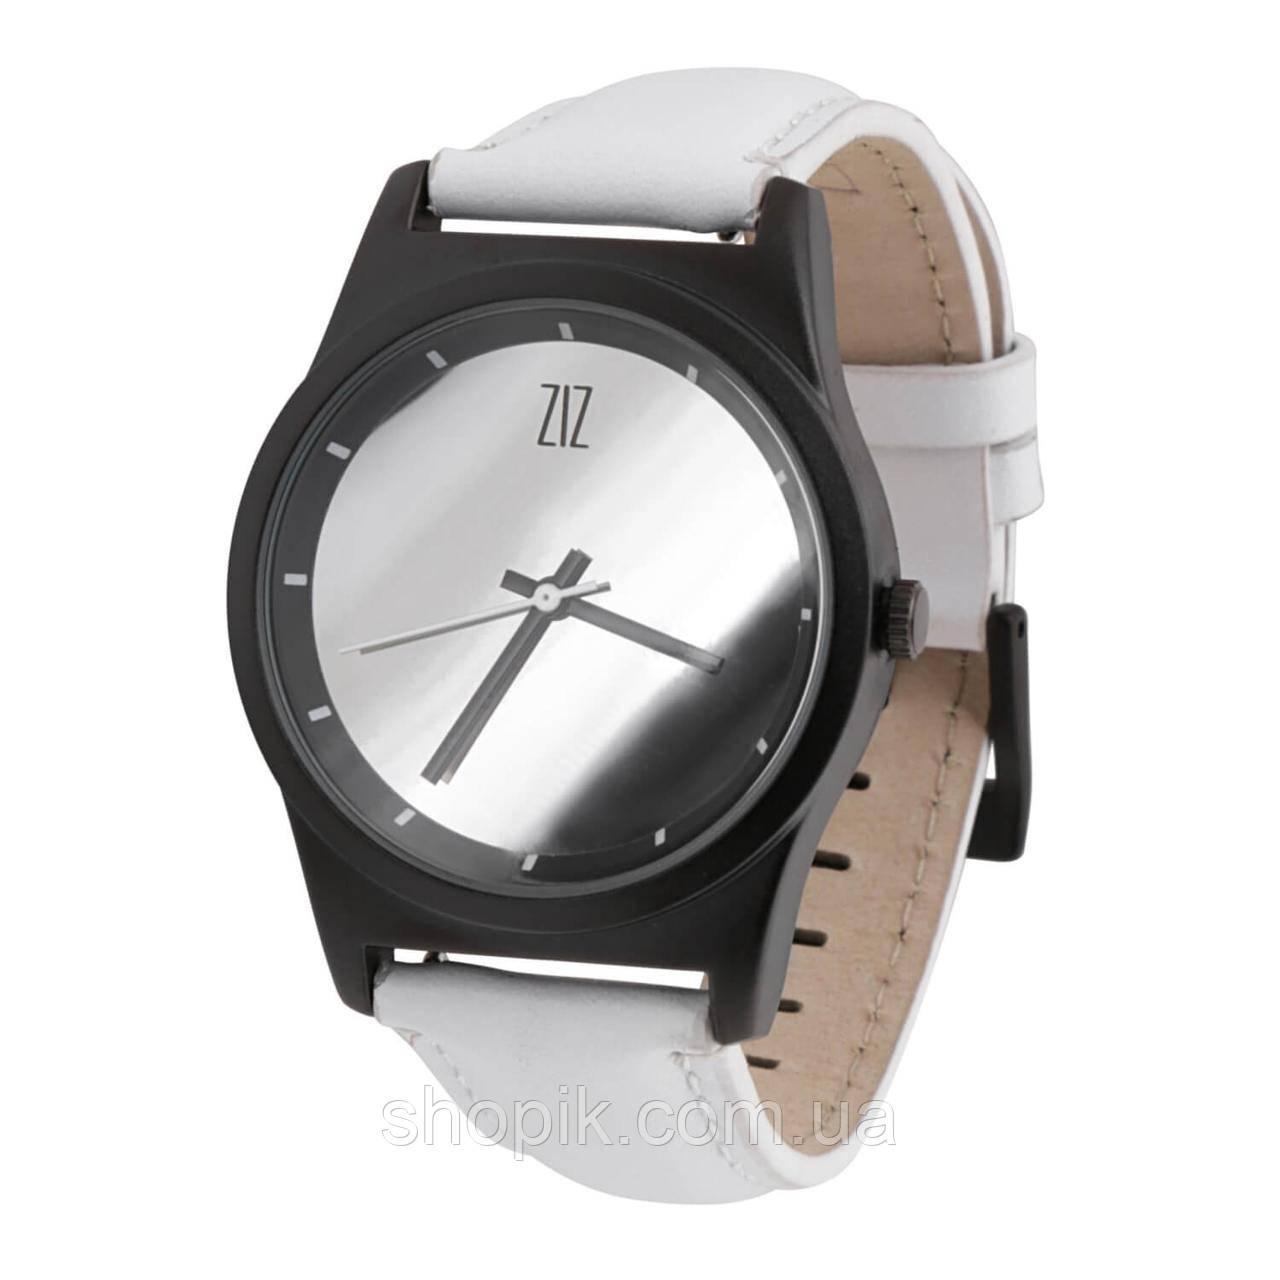 Часы ZIZ Mirror на кожаном ремешке + доп. ремешок + подарочная коробка (4100342) SHOPIK